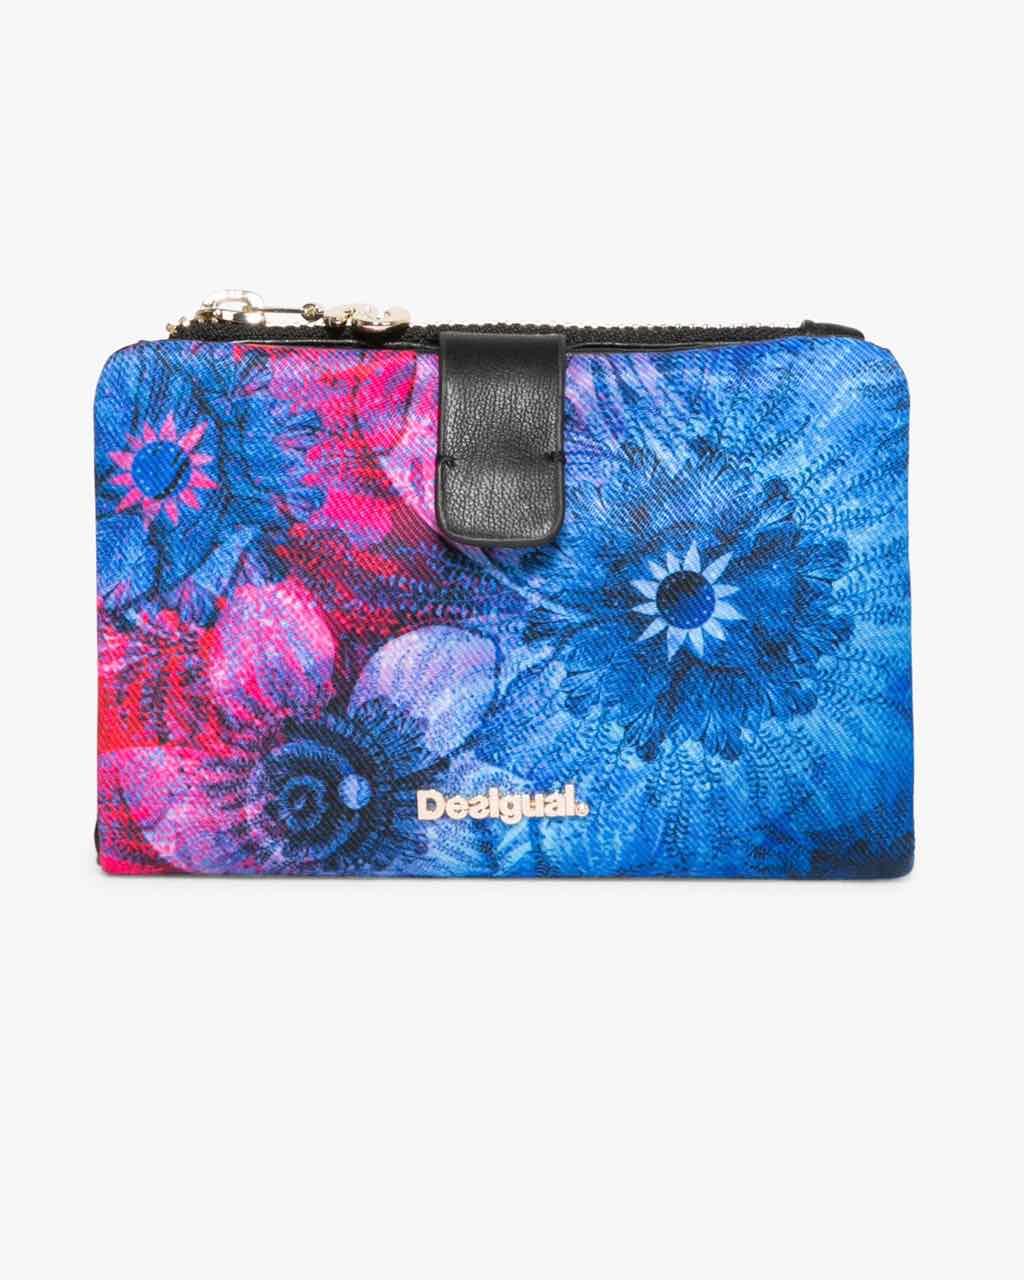 17WAYFGW_5000 Desigual Wallet Julia Carmin Buy Online